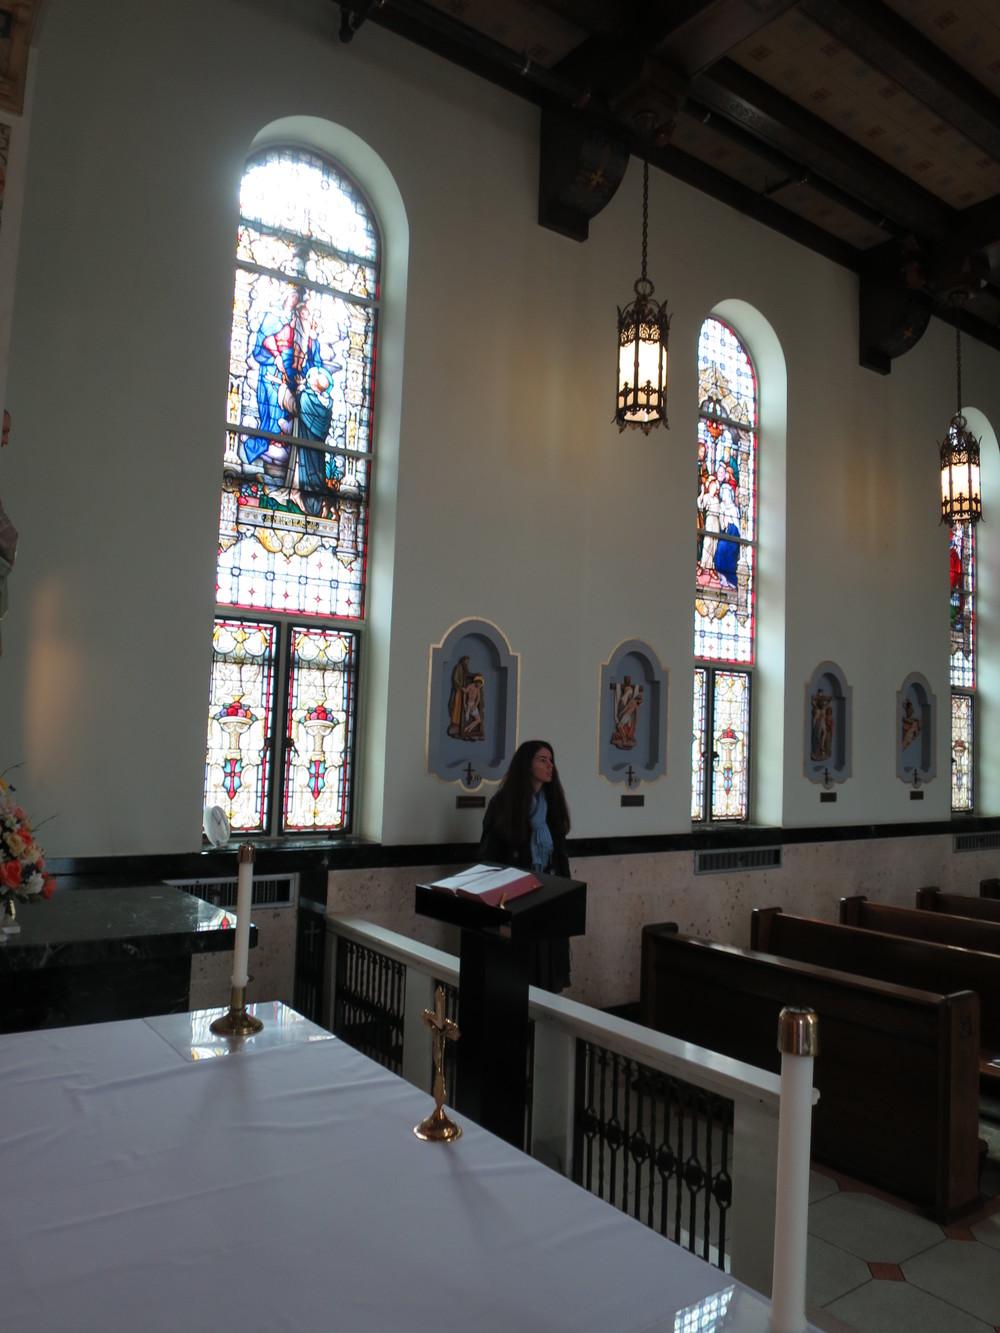 St. Mary's Hospital Chapel, Nebraska City, NE